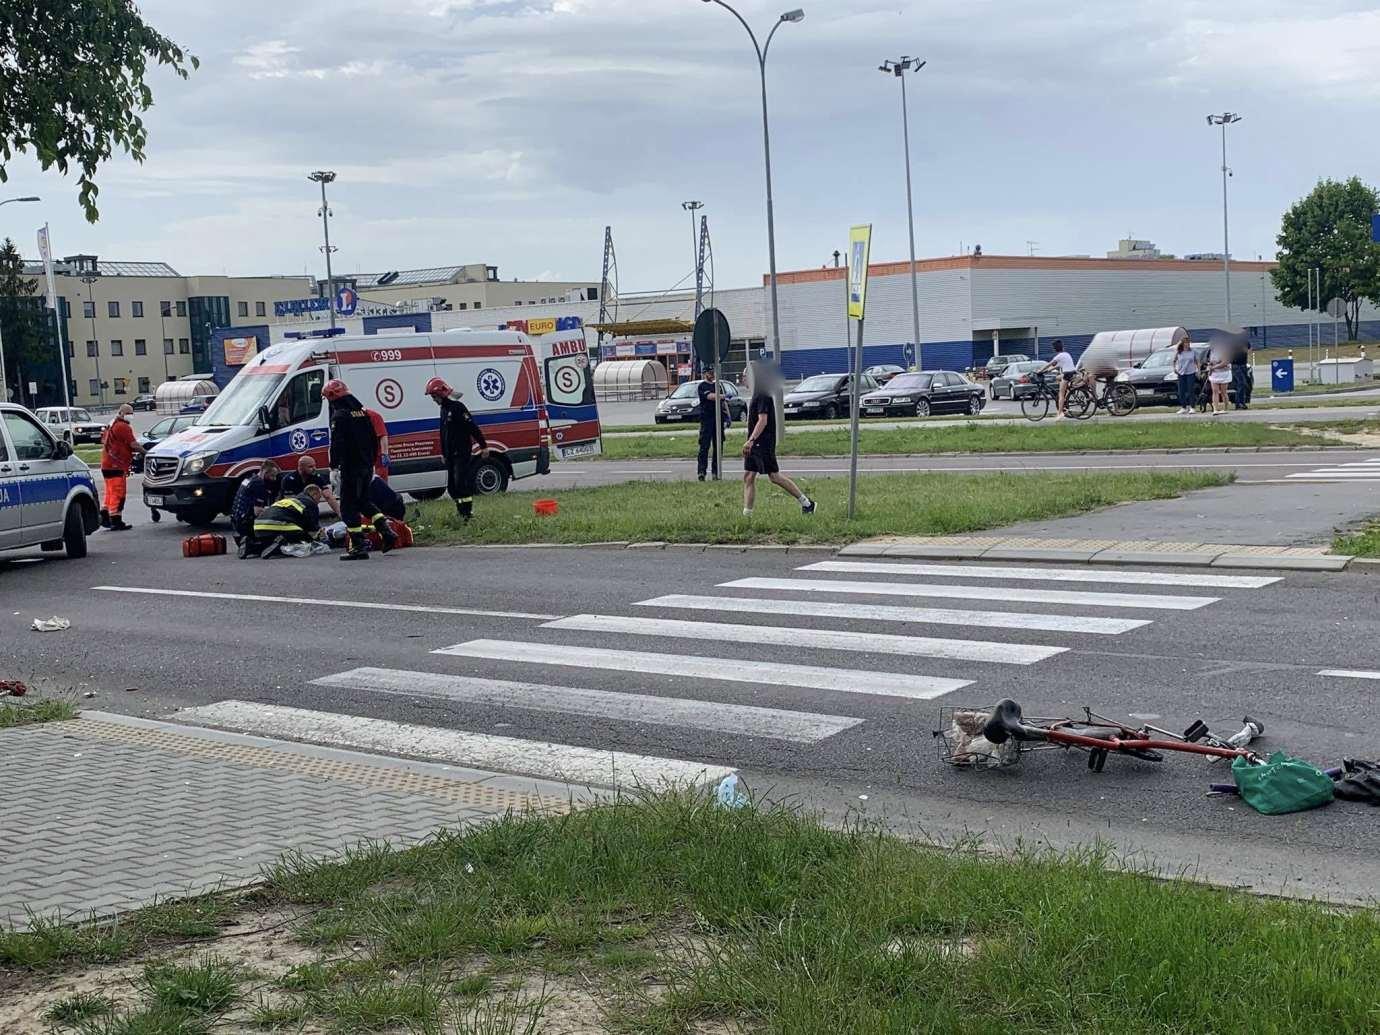 103076071 2690117031310510 563731417186073129 n Ku przestrodze publikujemy nagranie WIDEO z niedzielnego wypadku na Wyszyńskiego. Obejrzyjcie jako przestrogę.